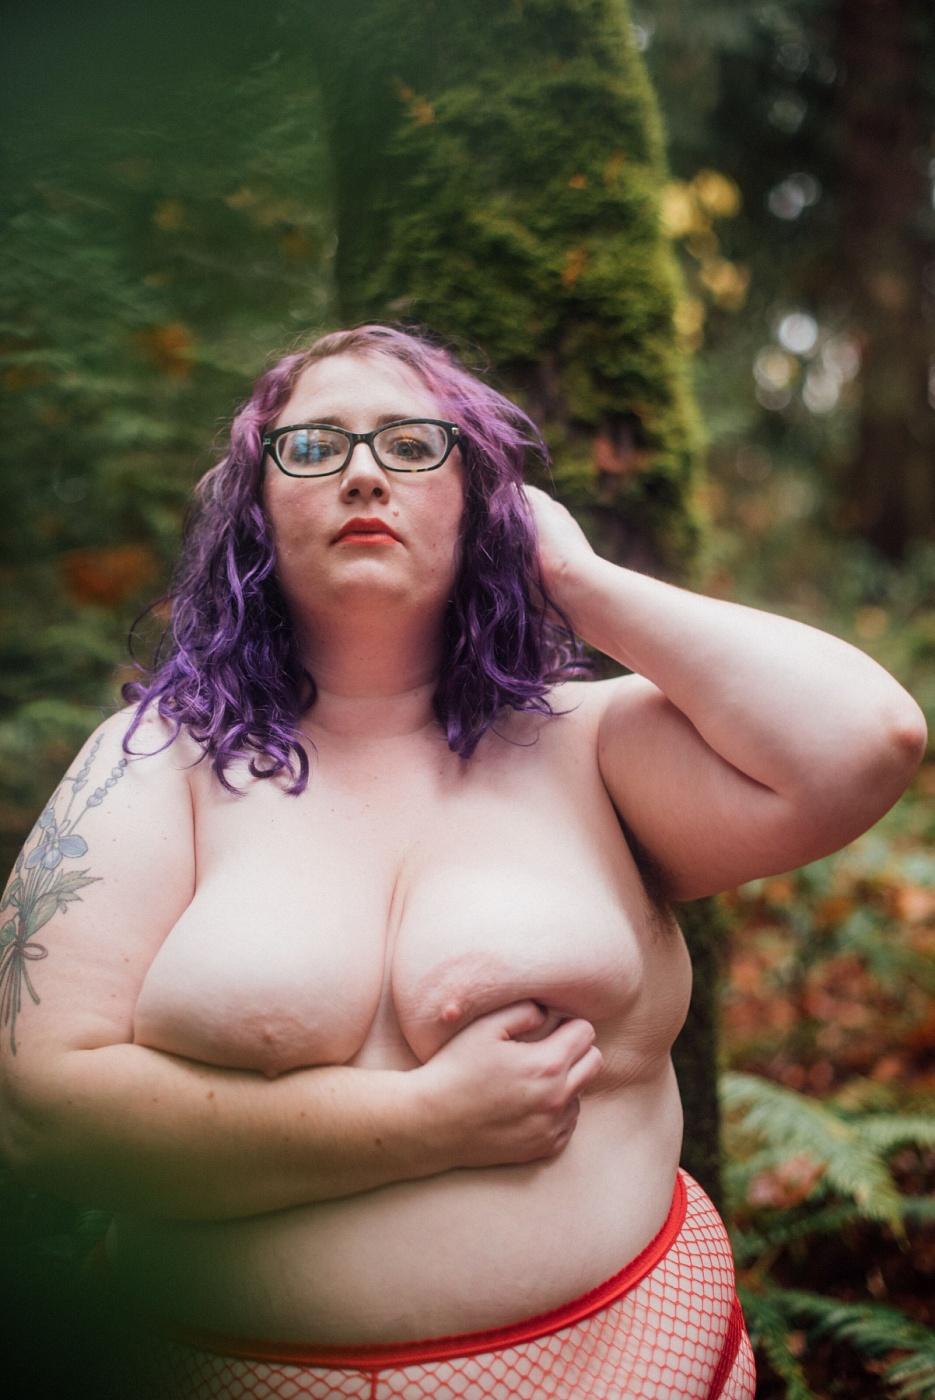 Molly Lane